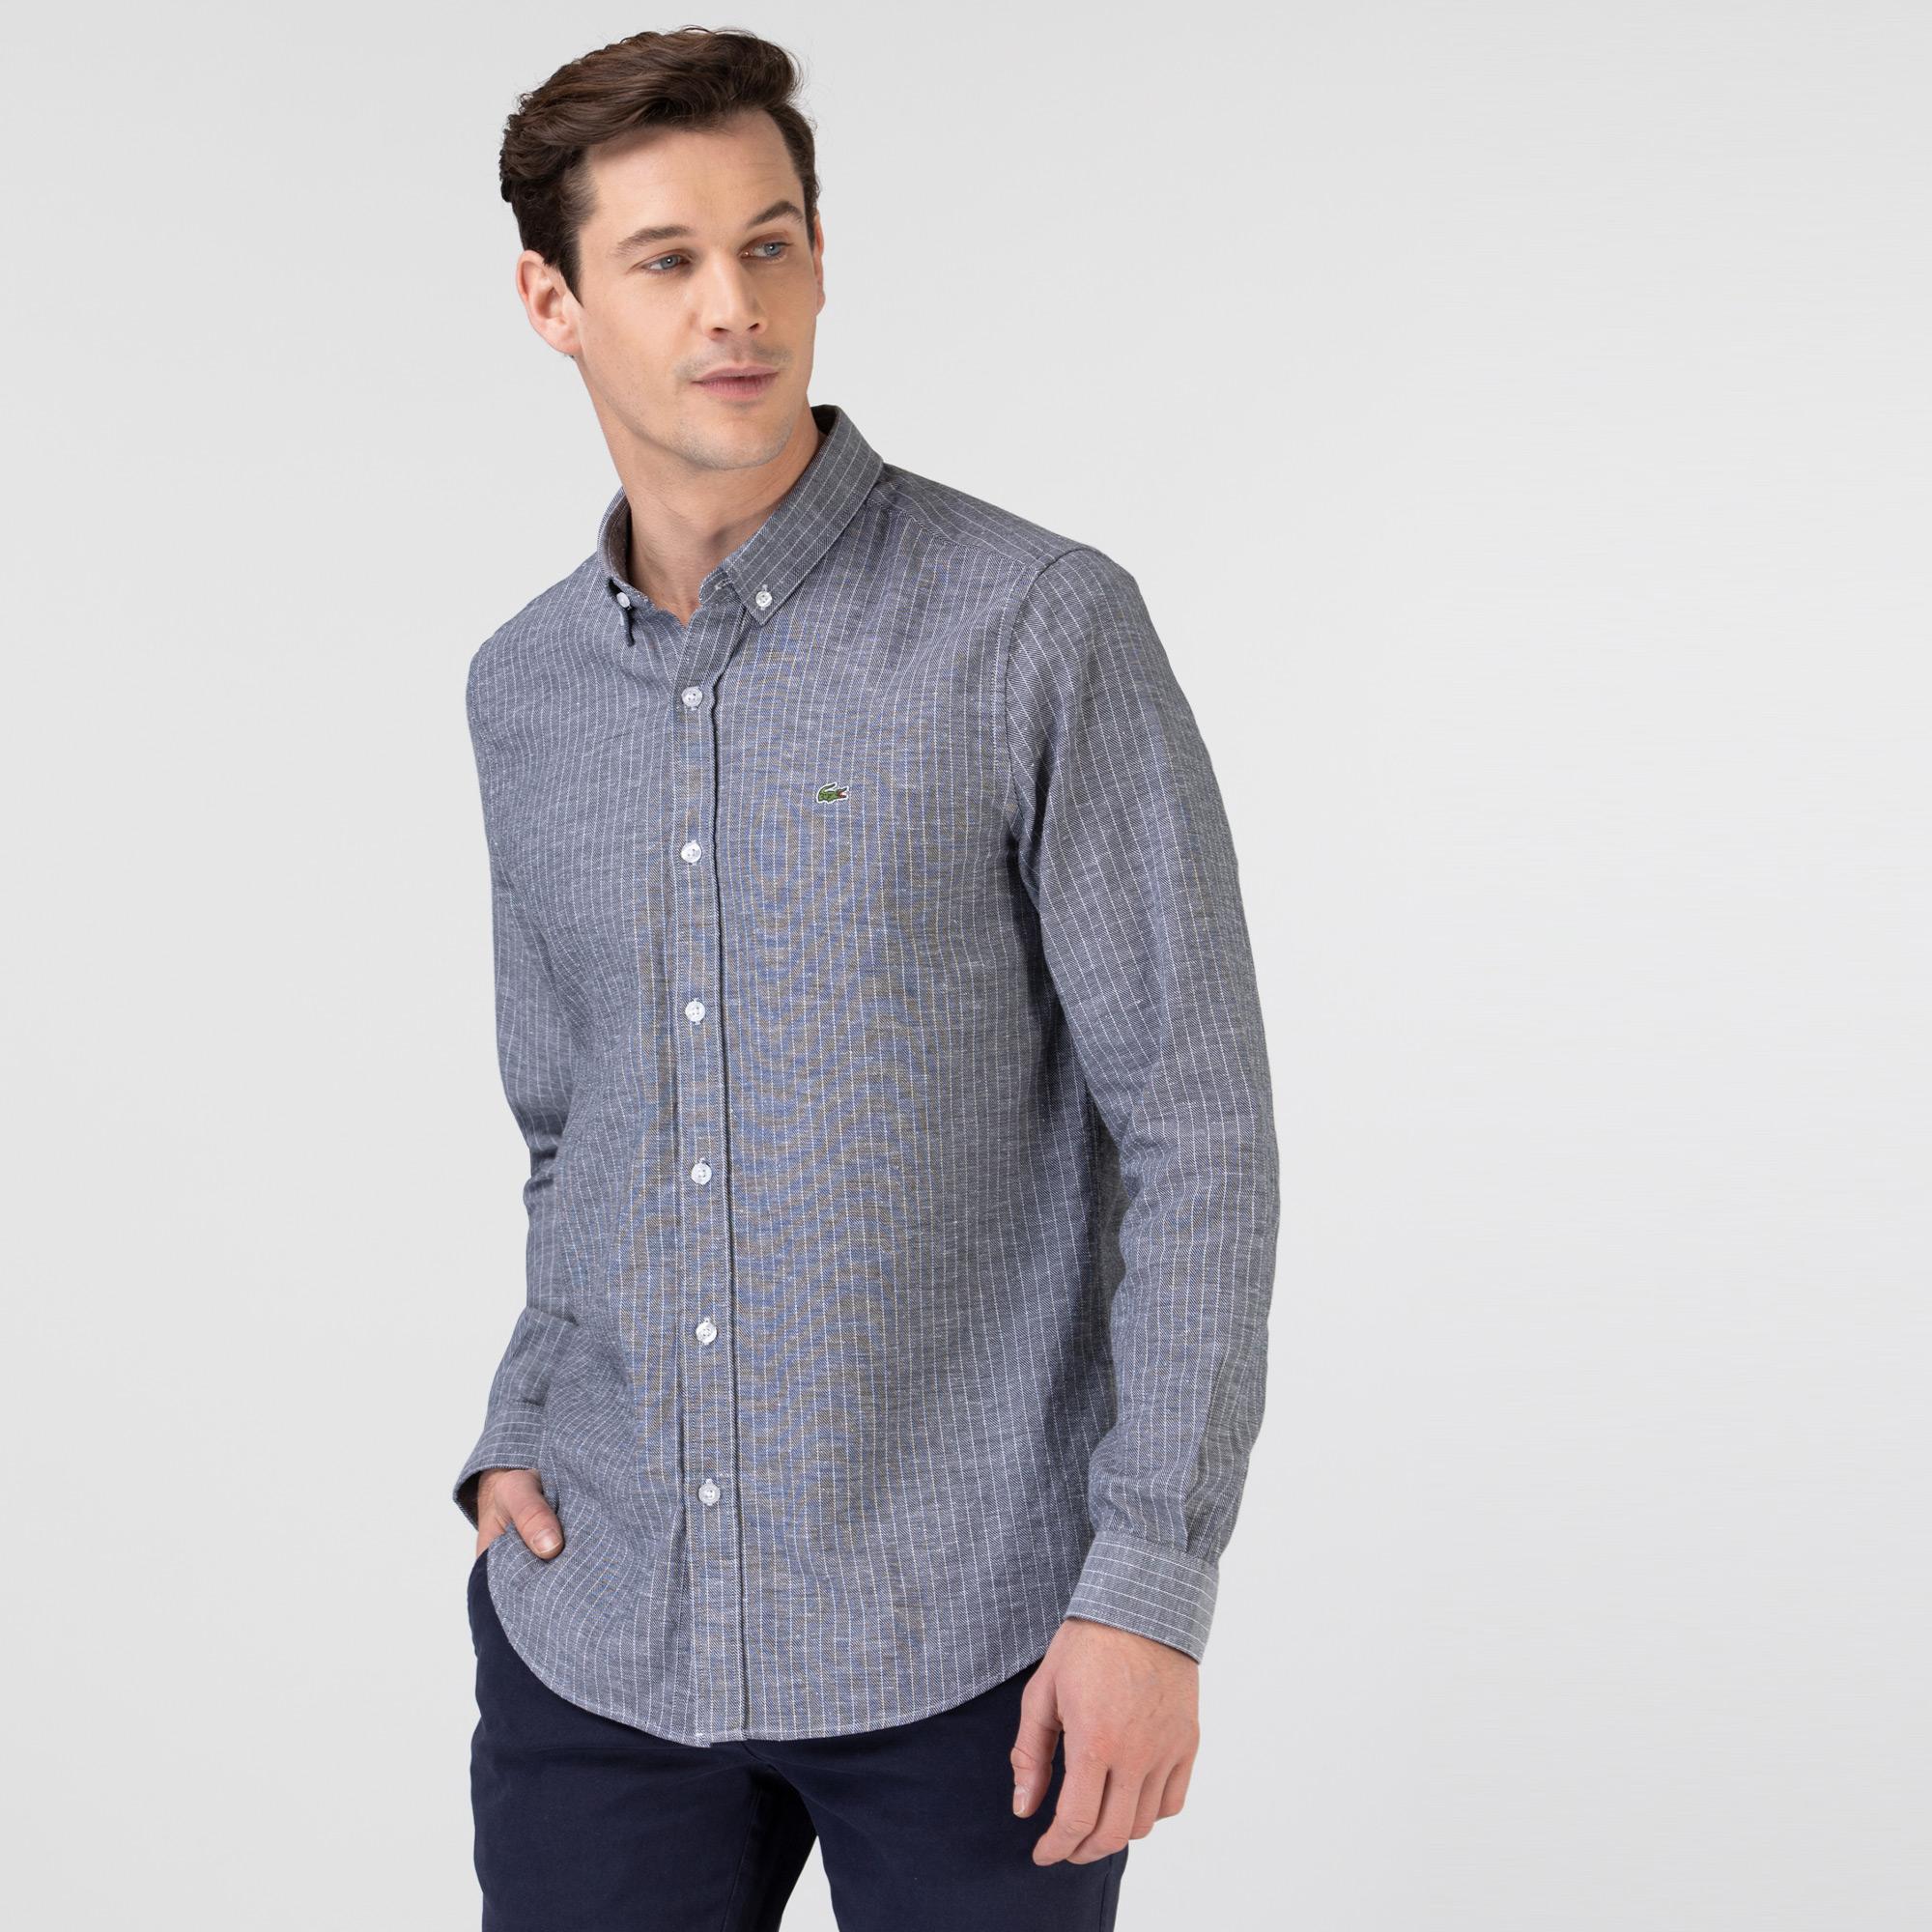 Lacoste Erkek Slim Fit Çizgili Açık Gri Gömlek